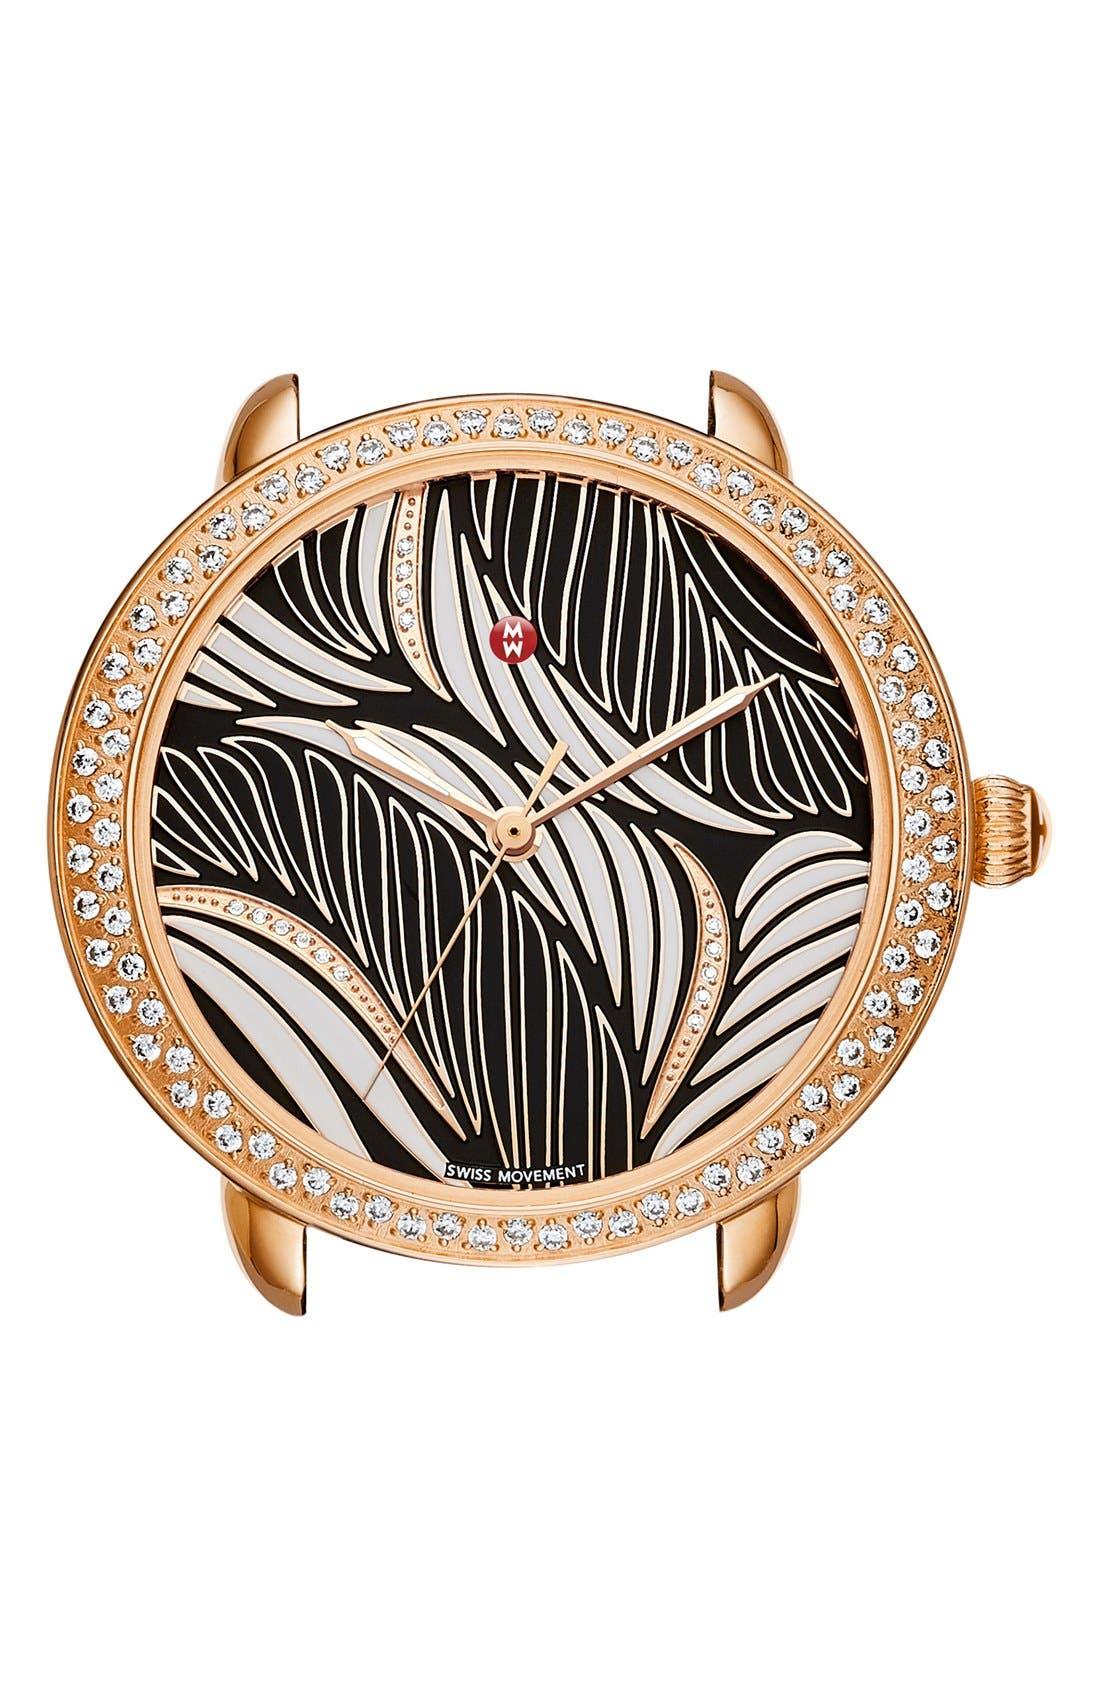 MICHELE Serein 16 Diamond Watch Case, 34mm x 36mm